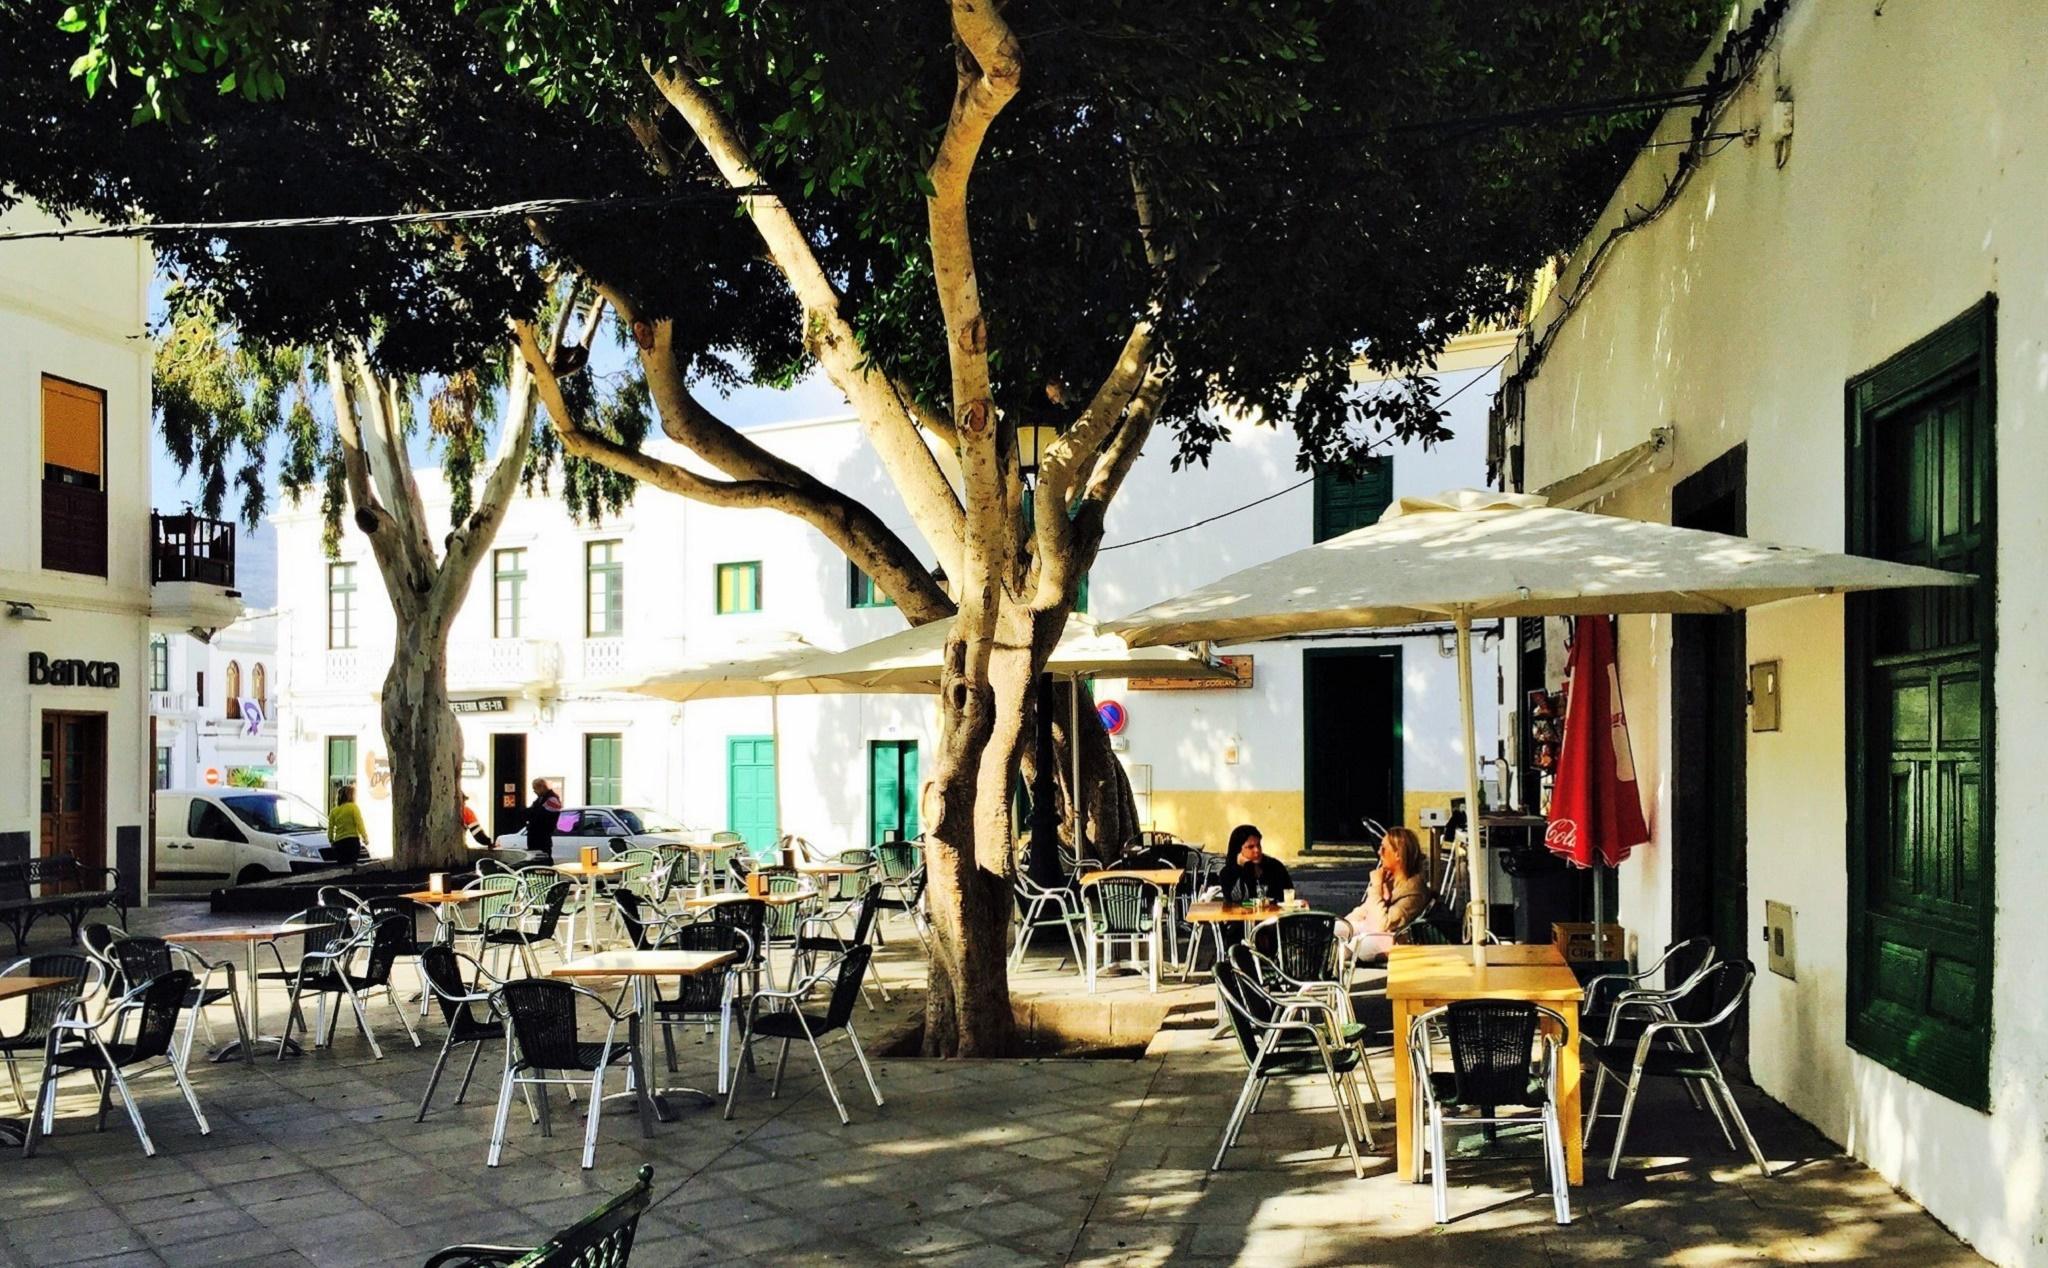 Plaza de Haría, Lanzarote